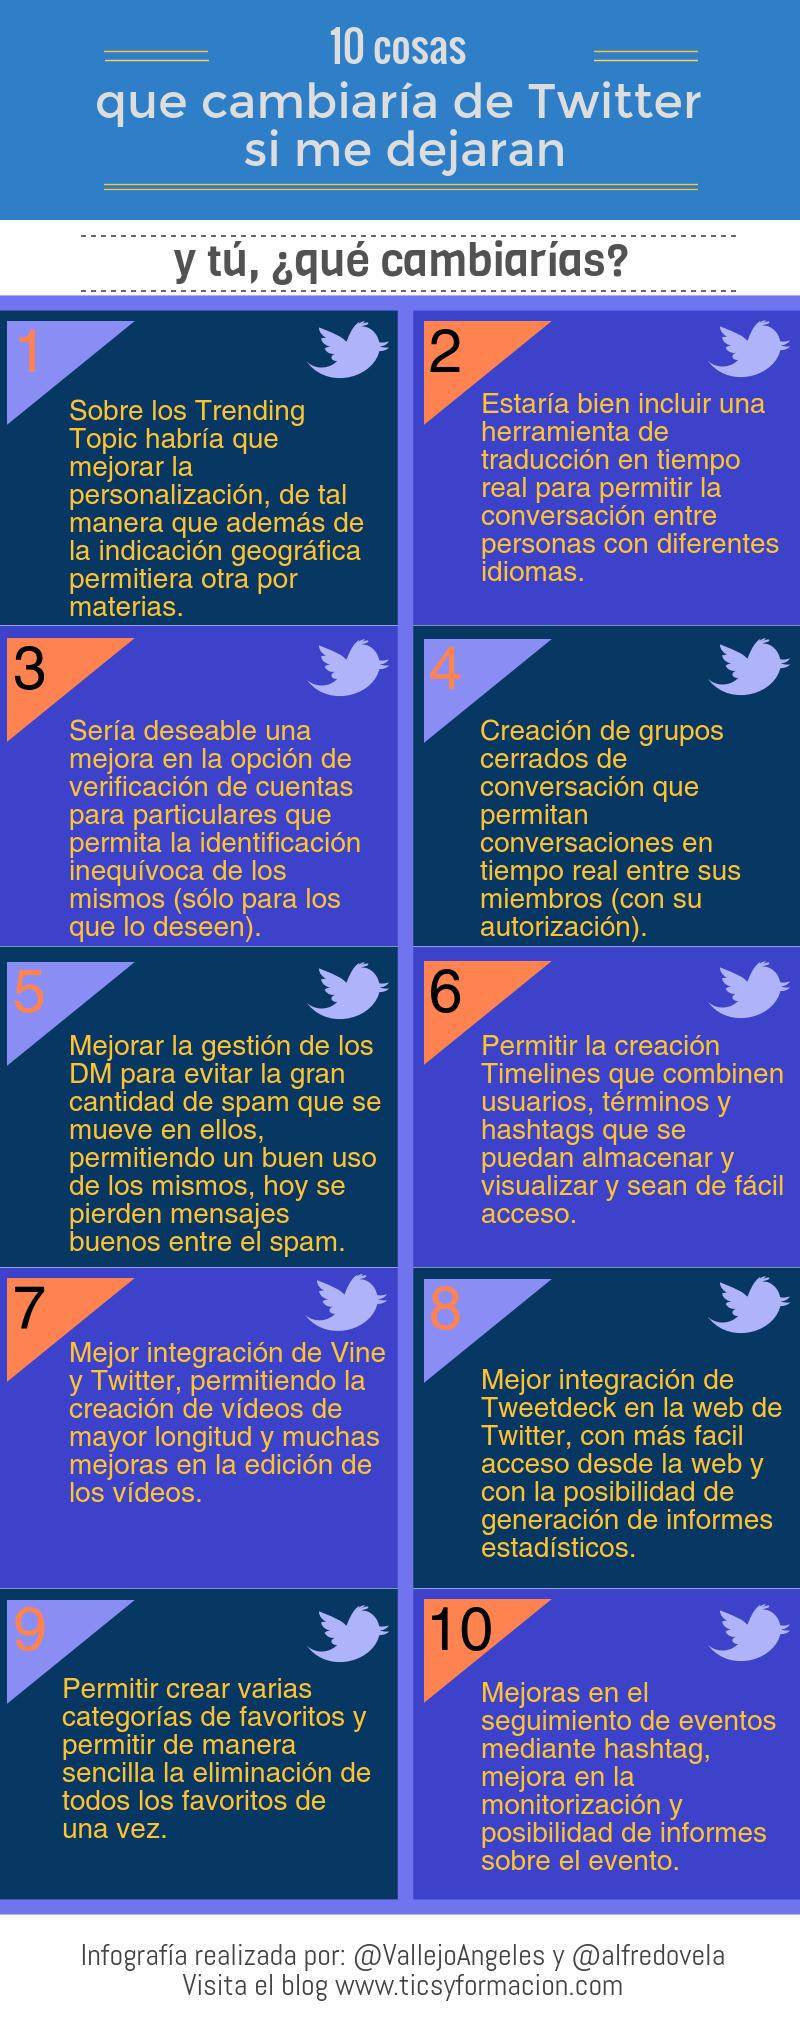 10 cosas que cambiaría de Twitter (si me dejaran)